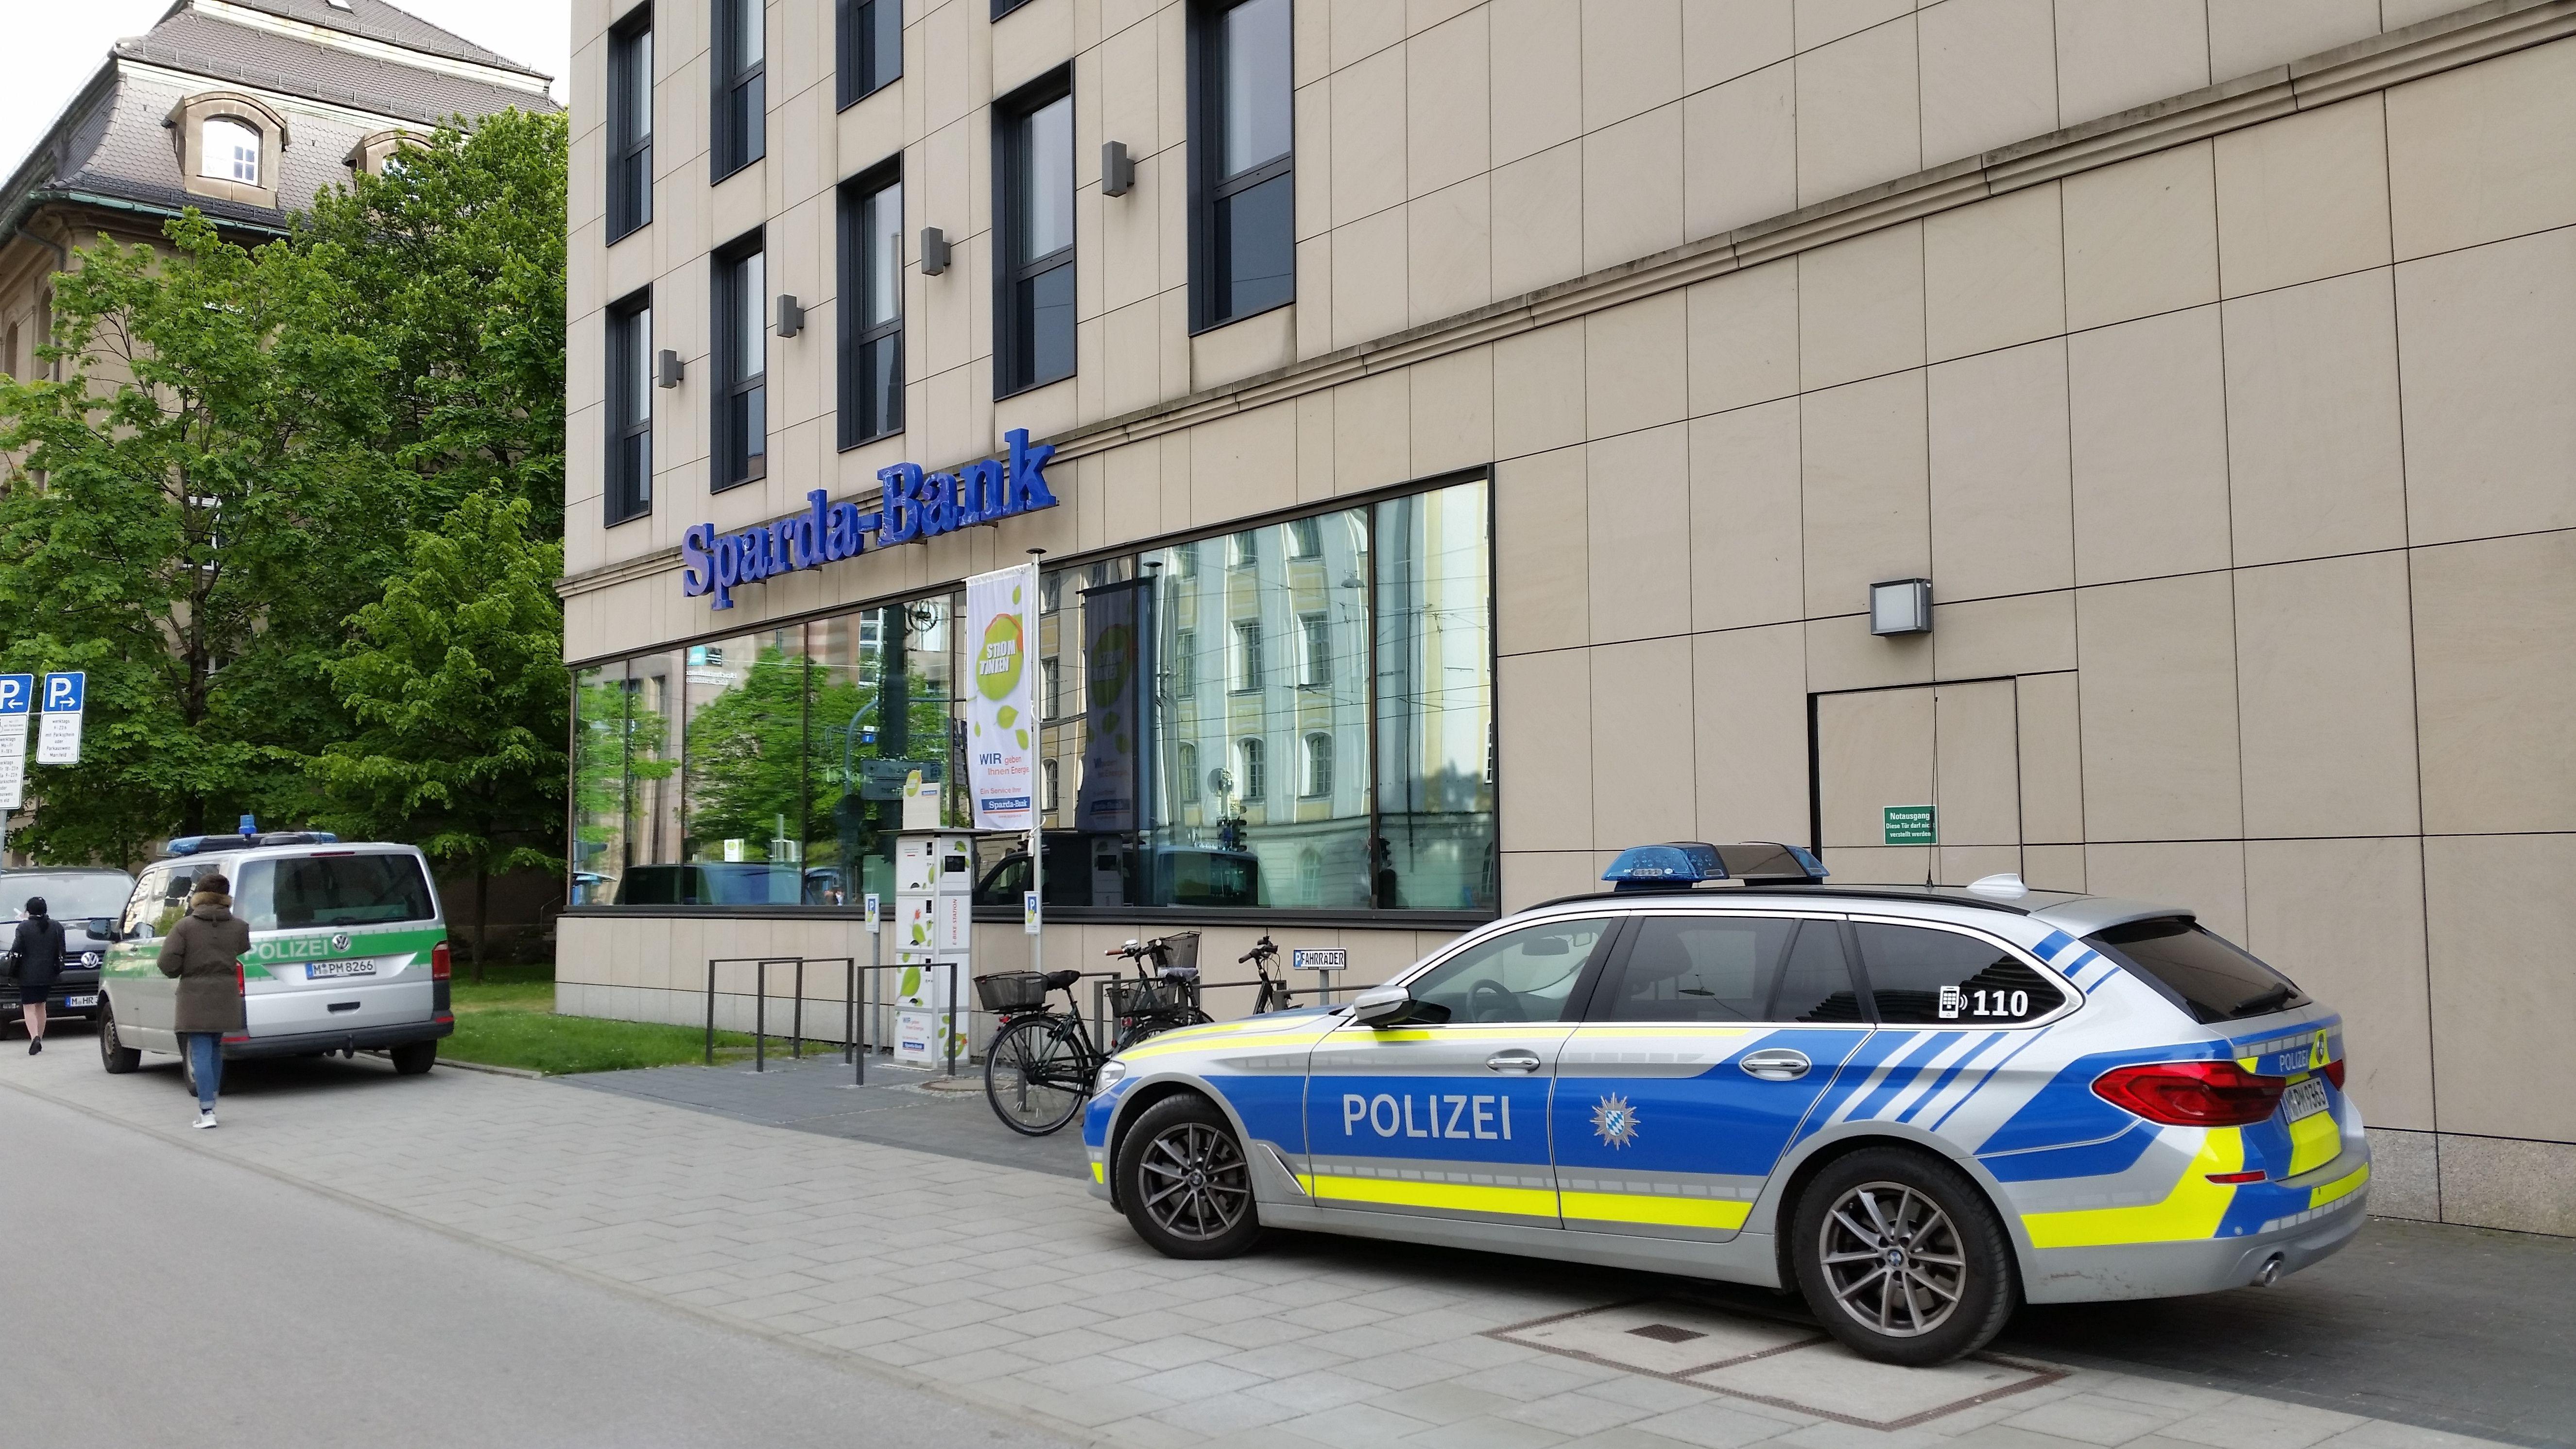 Sparda-Bank in der Münchner Innenstadt